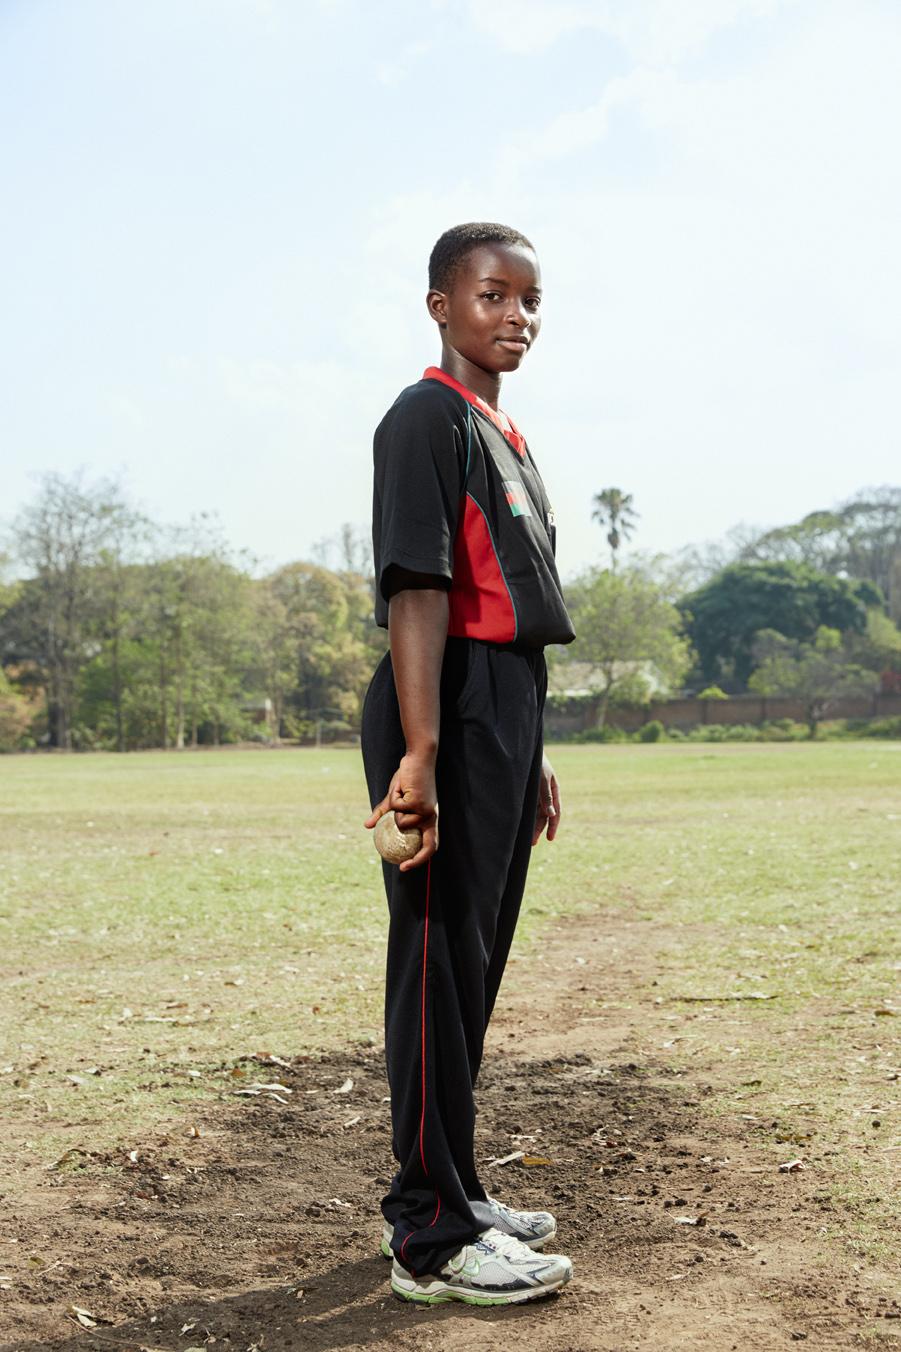 Vanessa Phiri, bowler